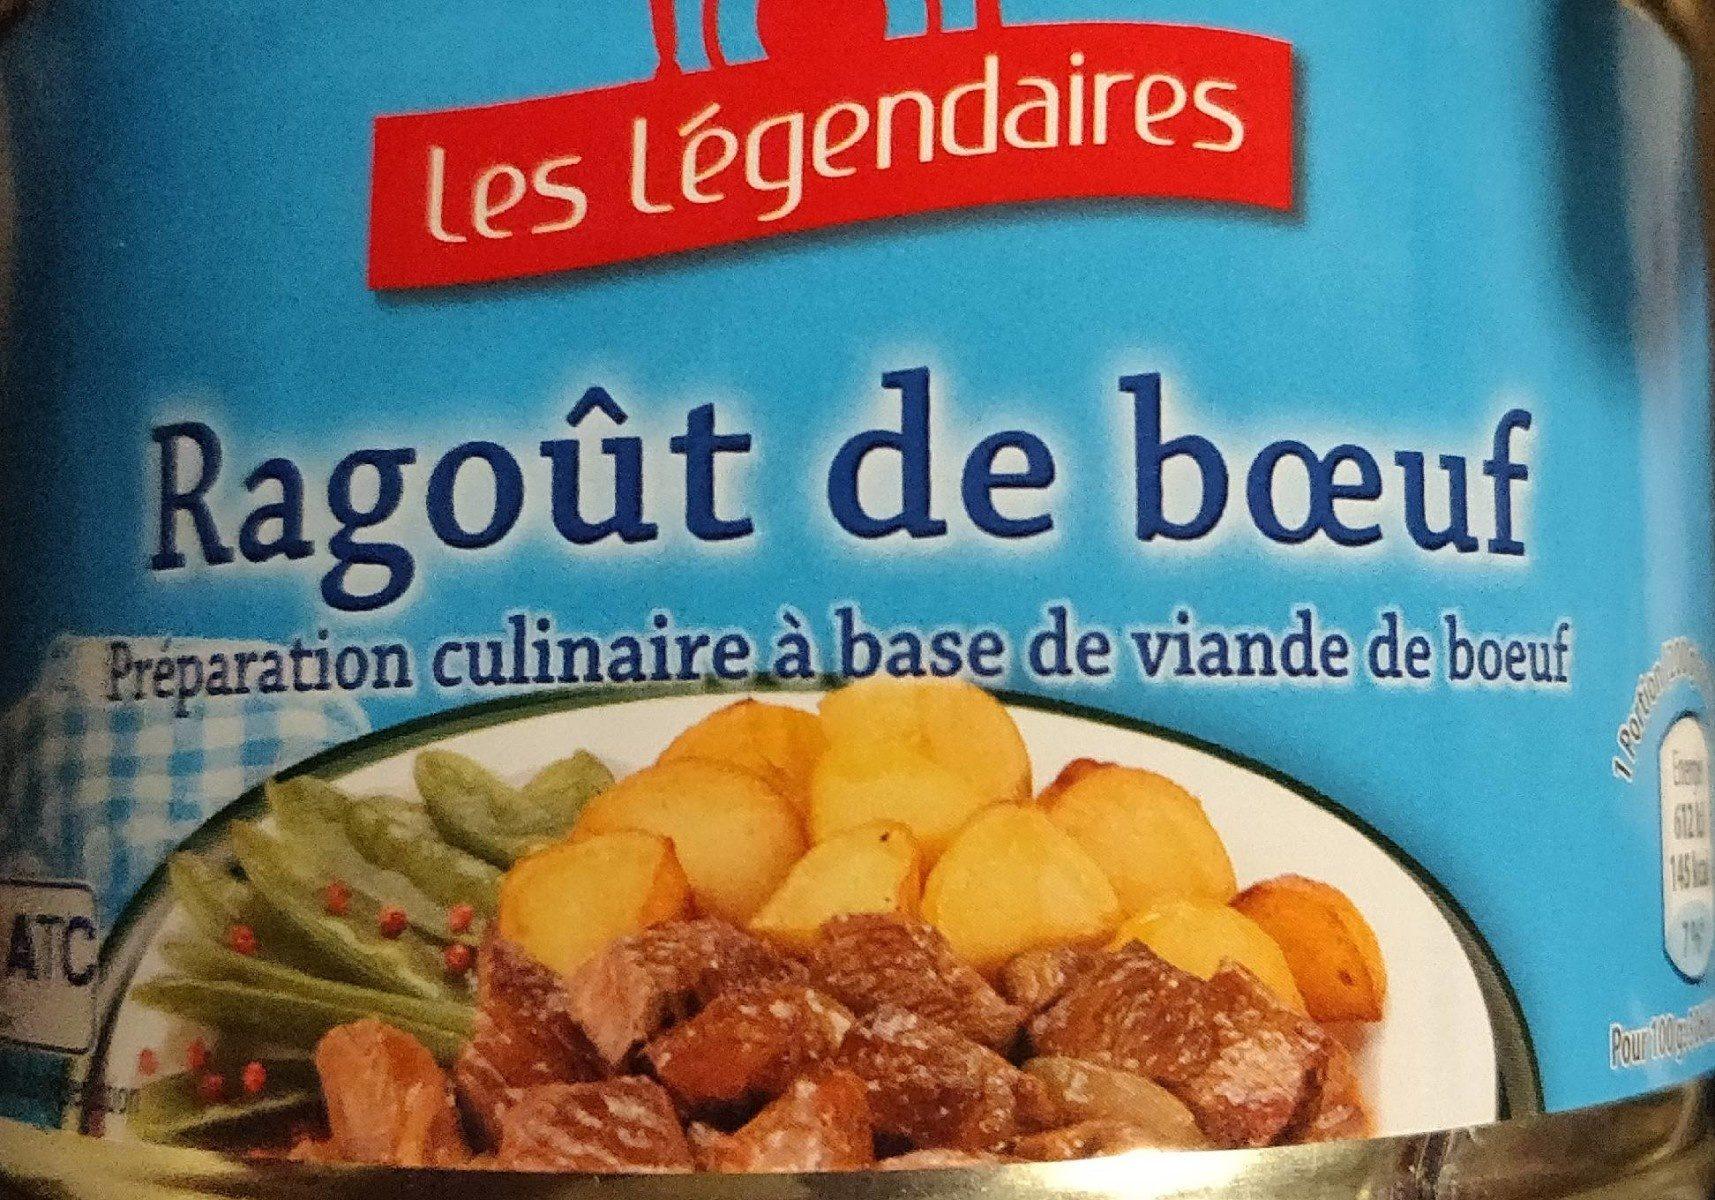 Ragoût de bœuf - Product